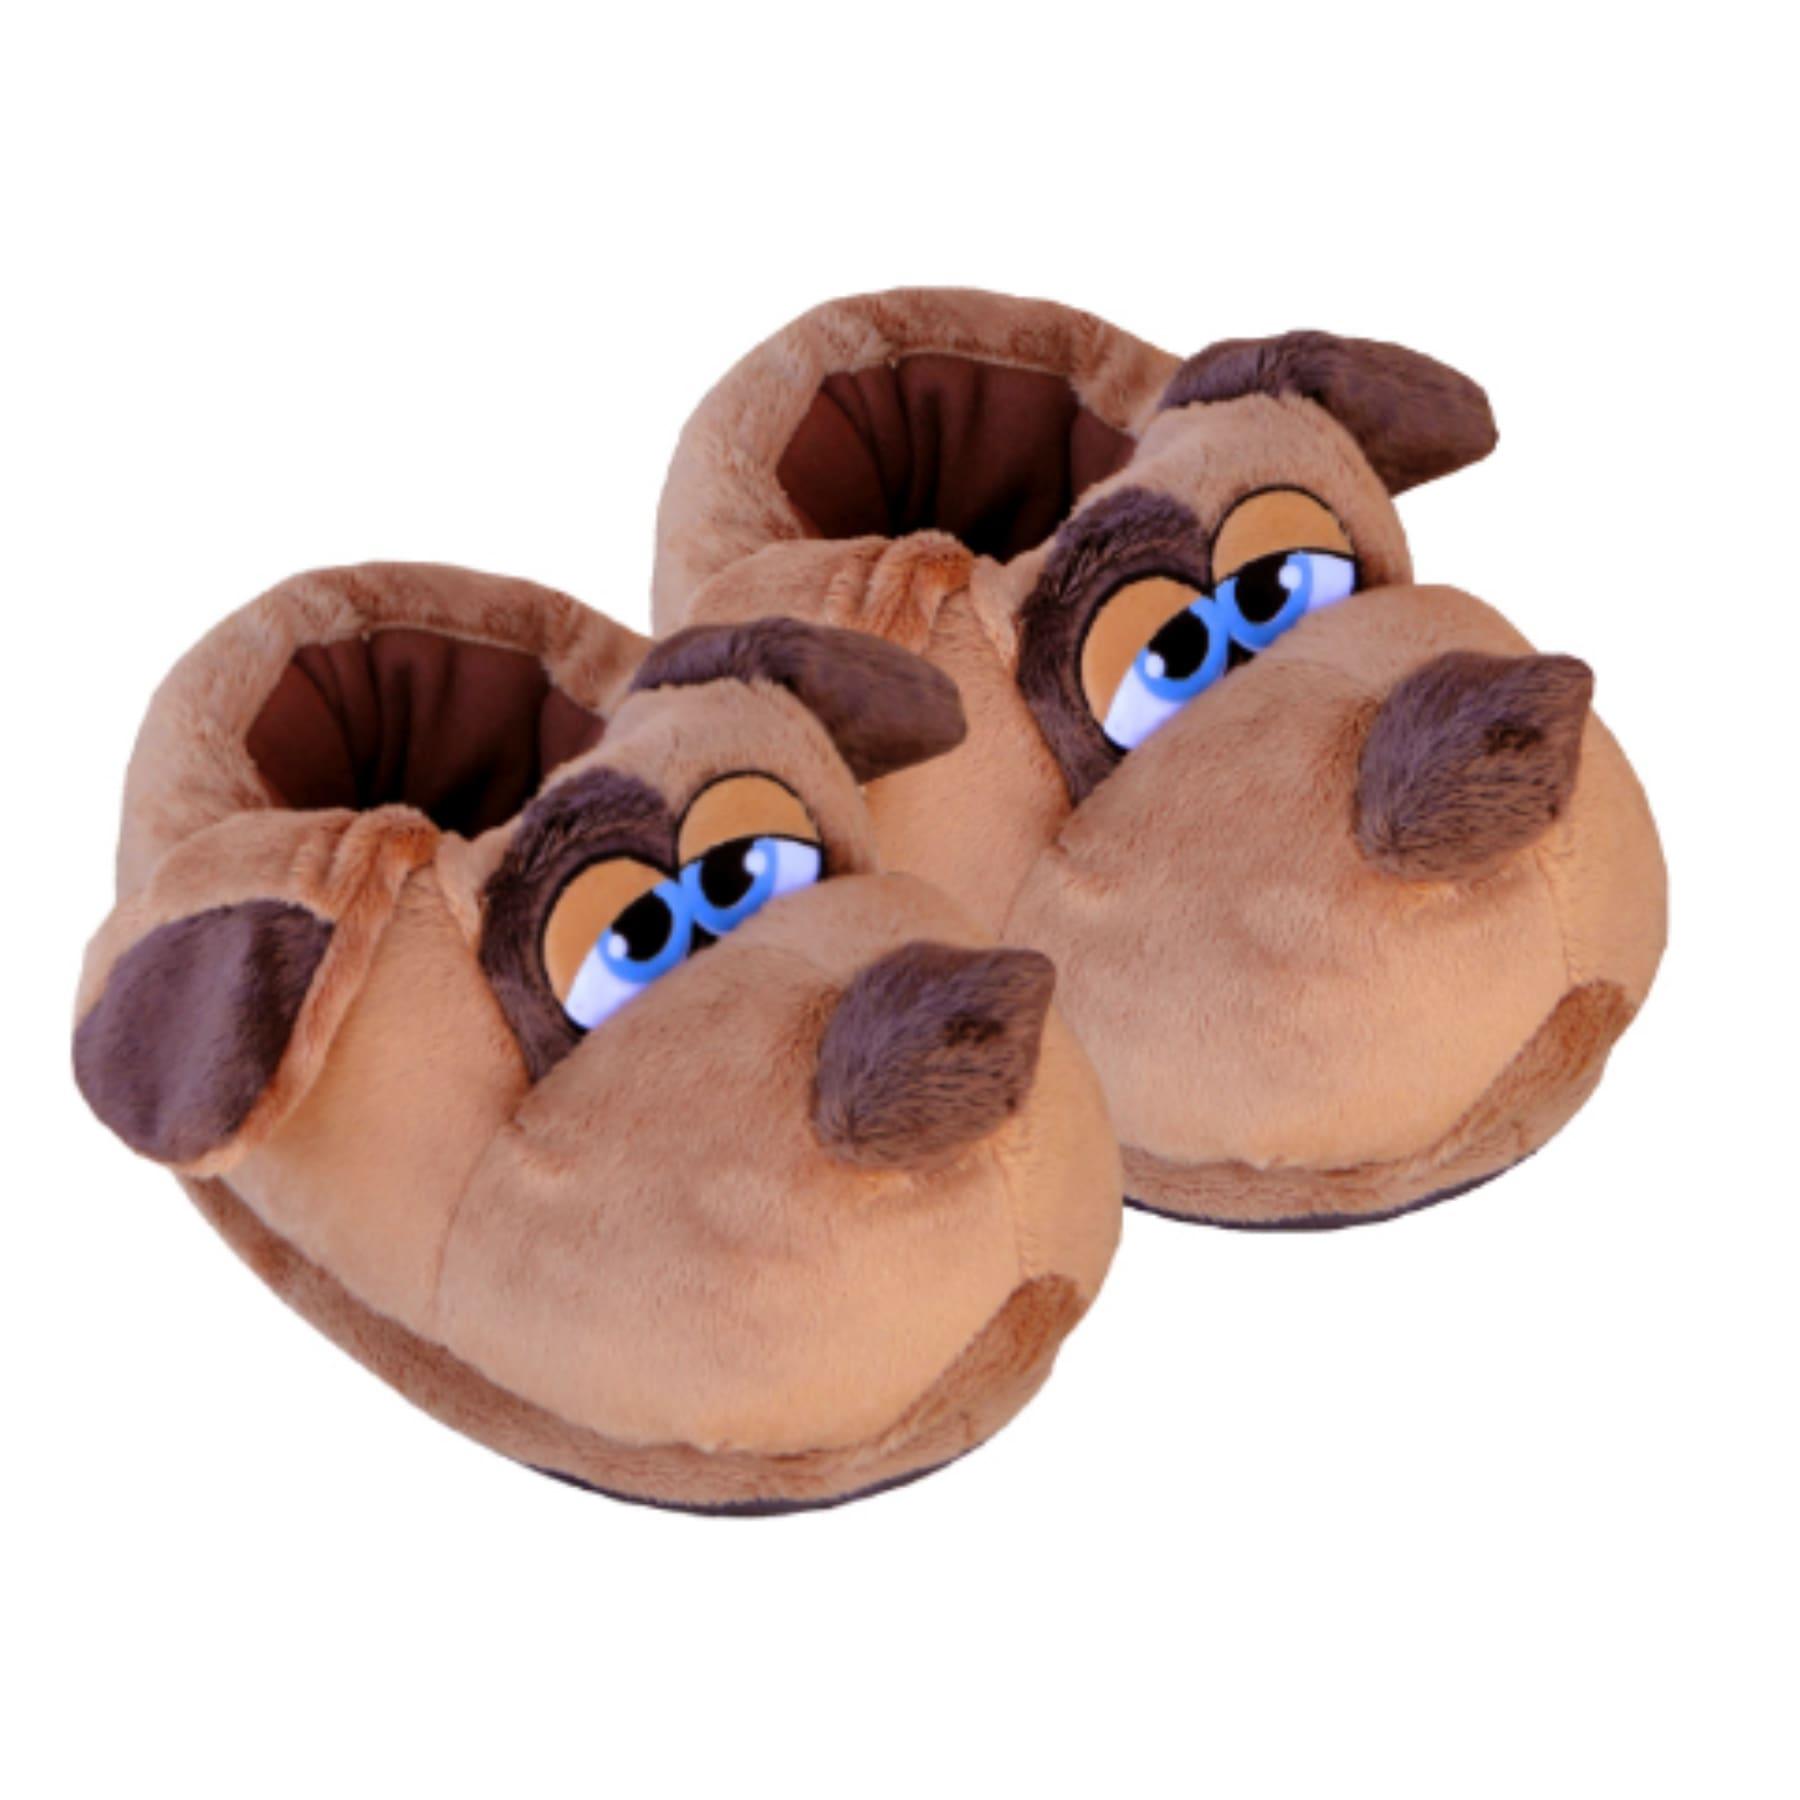 Pantufa 3D Personagem Cão Soneca Cor Marrom